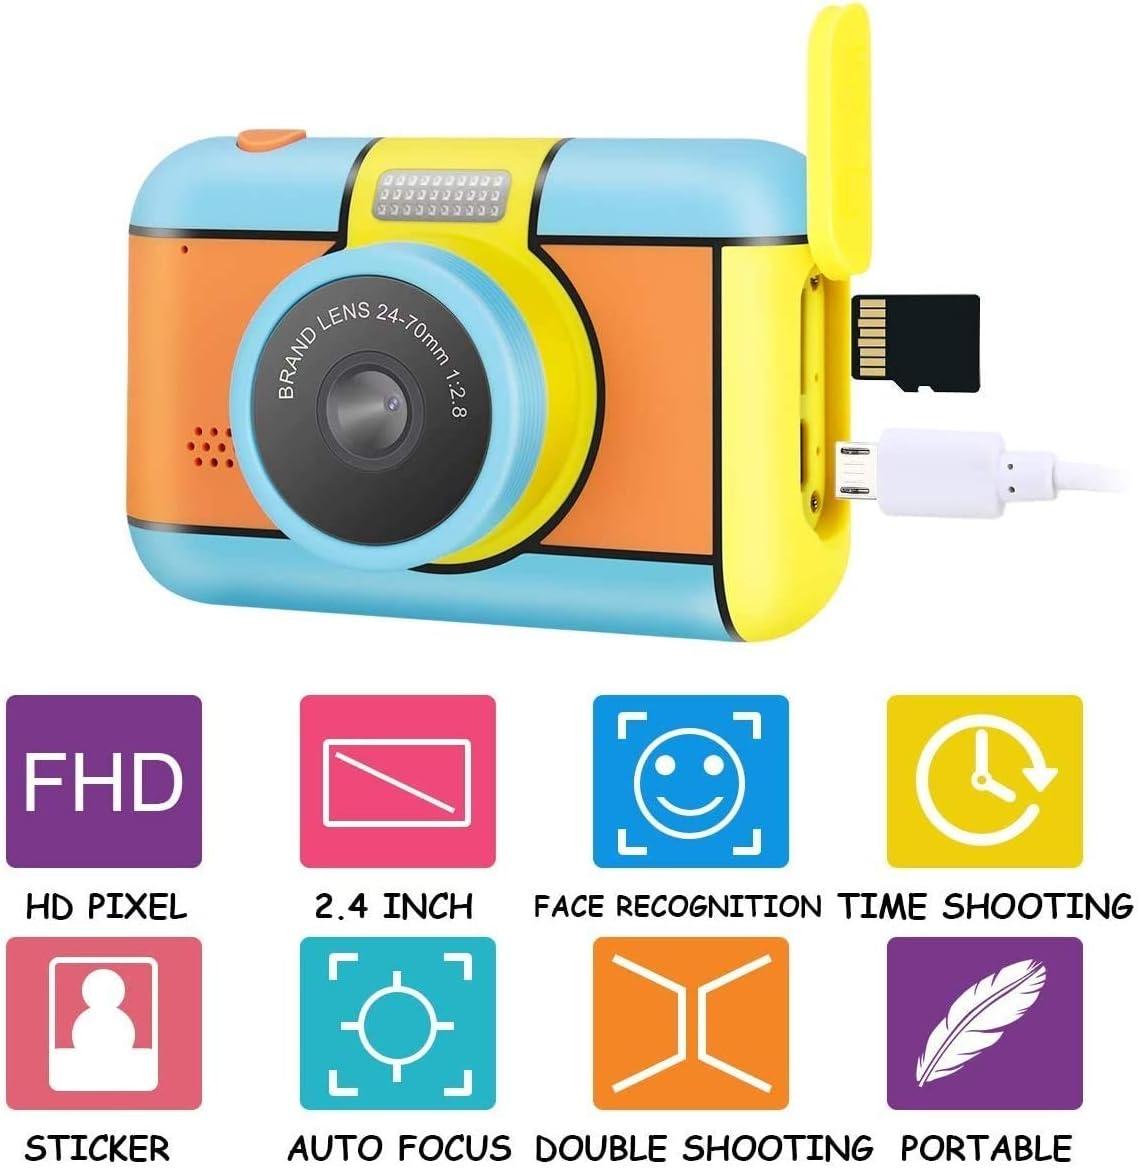 Zenghh Los niños digitales de la cámara doble de actualización Juguetes Regalos for los 3-11 años de edad chicos niñas, 6x Zoom Recorrido Lente de enfoque libre Enfoque 24MP 1080P Pantalla y tarjeta d